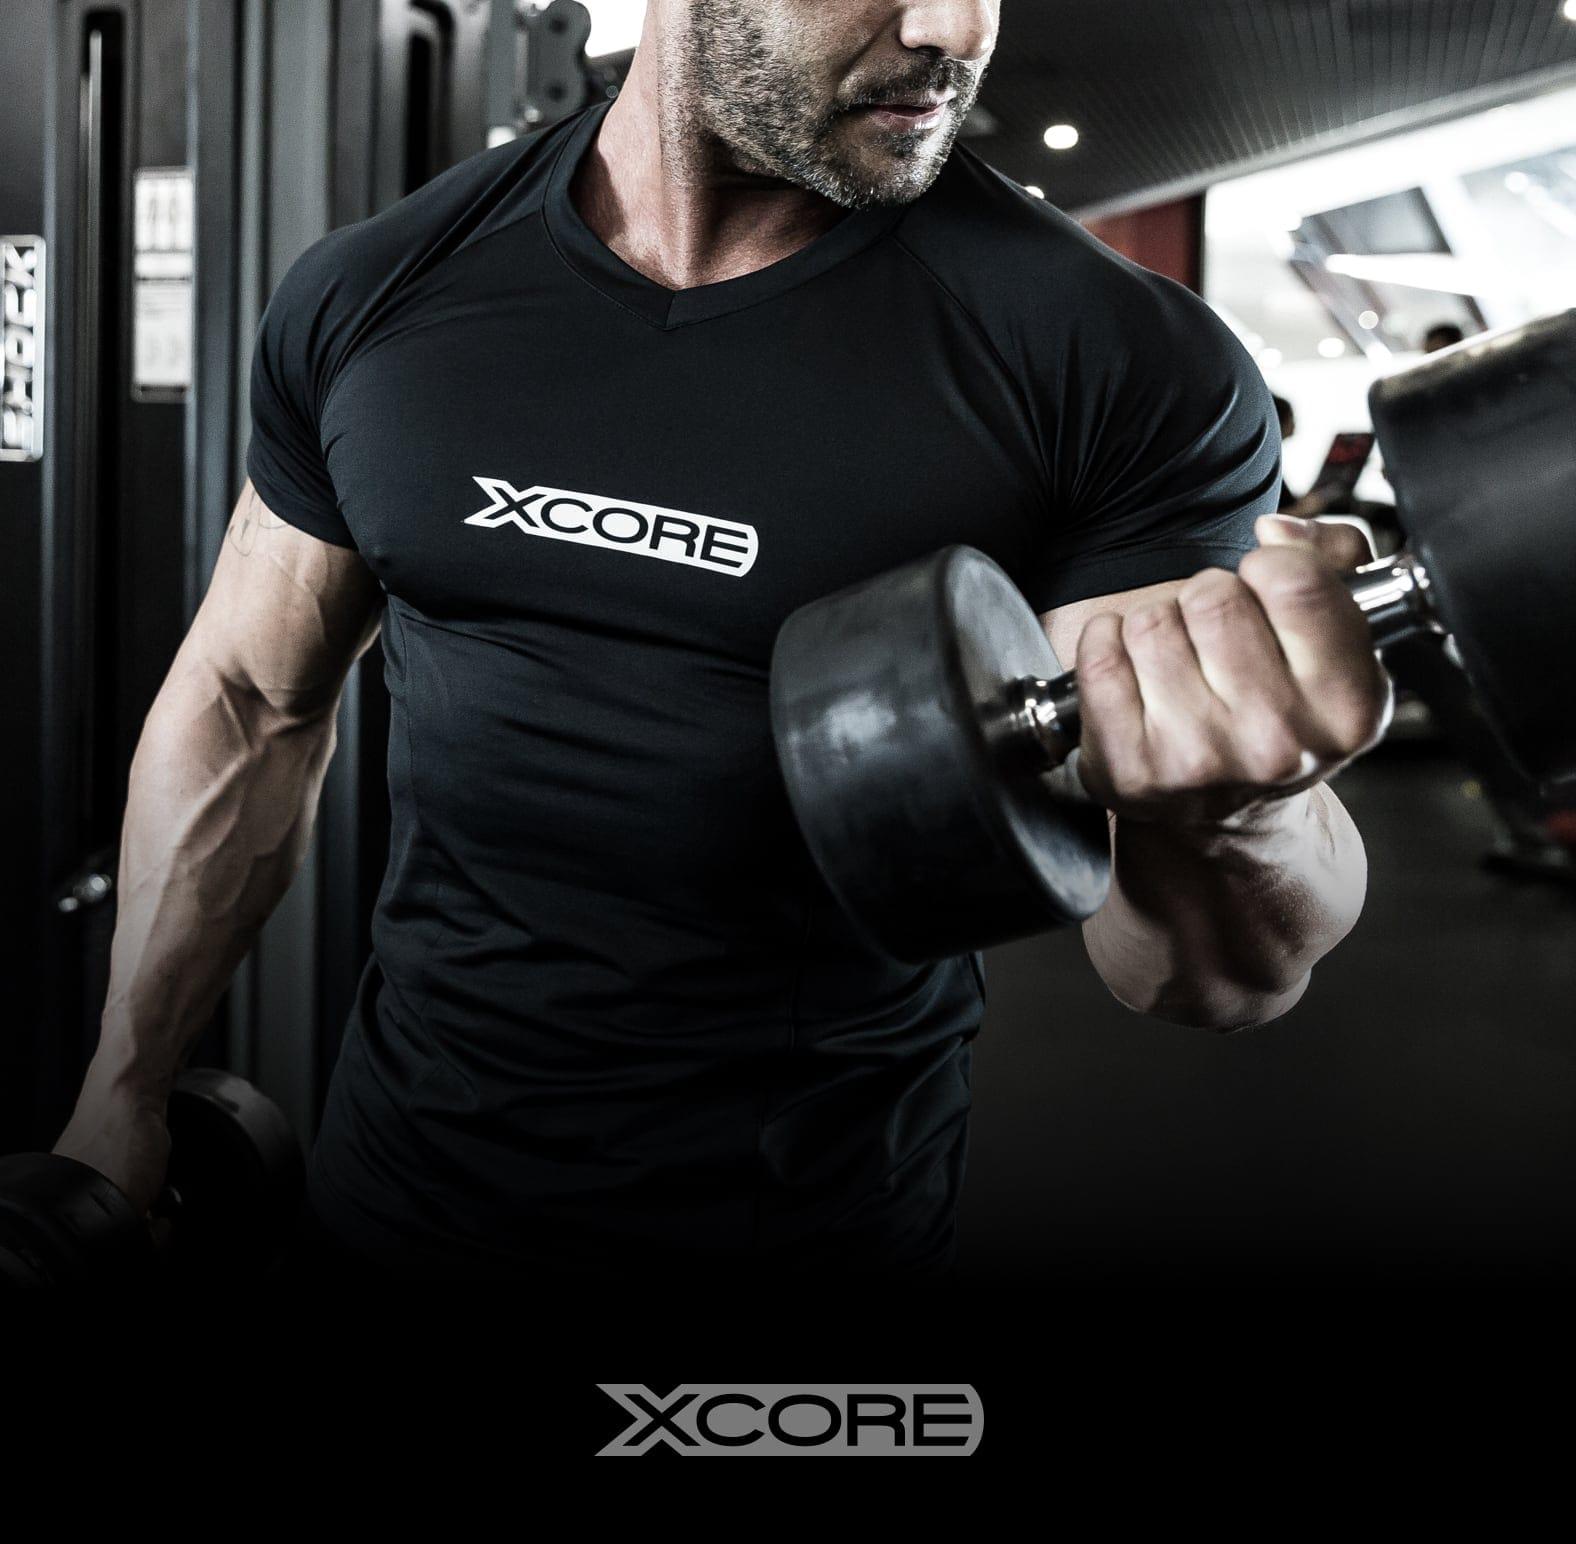 XCore hardcoretshirt